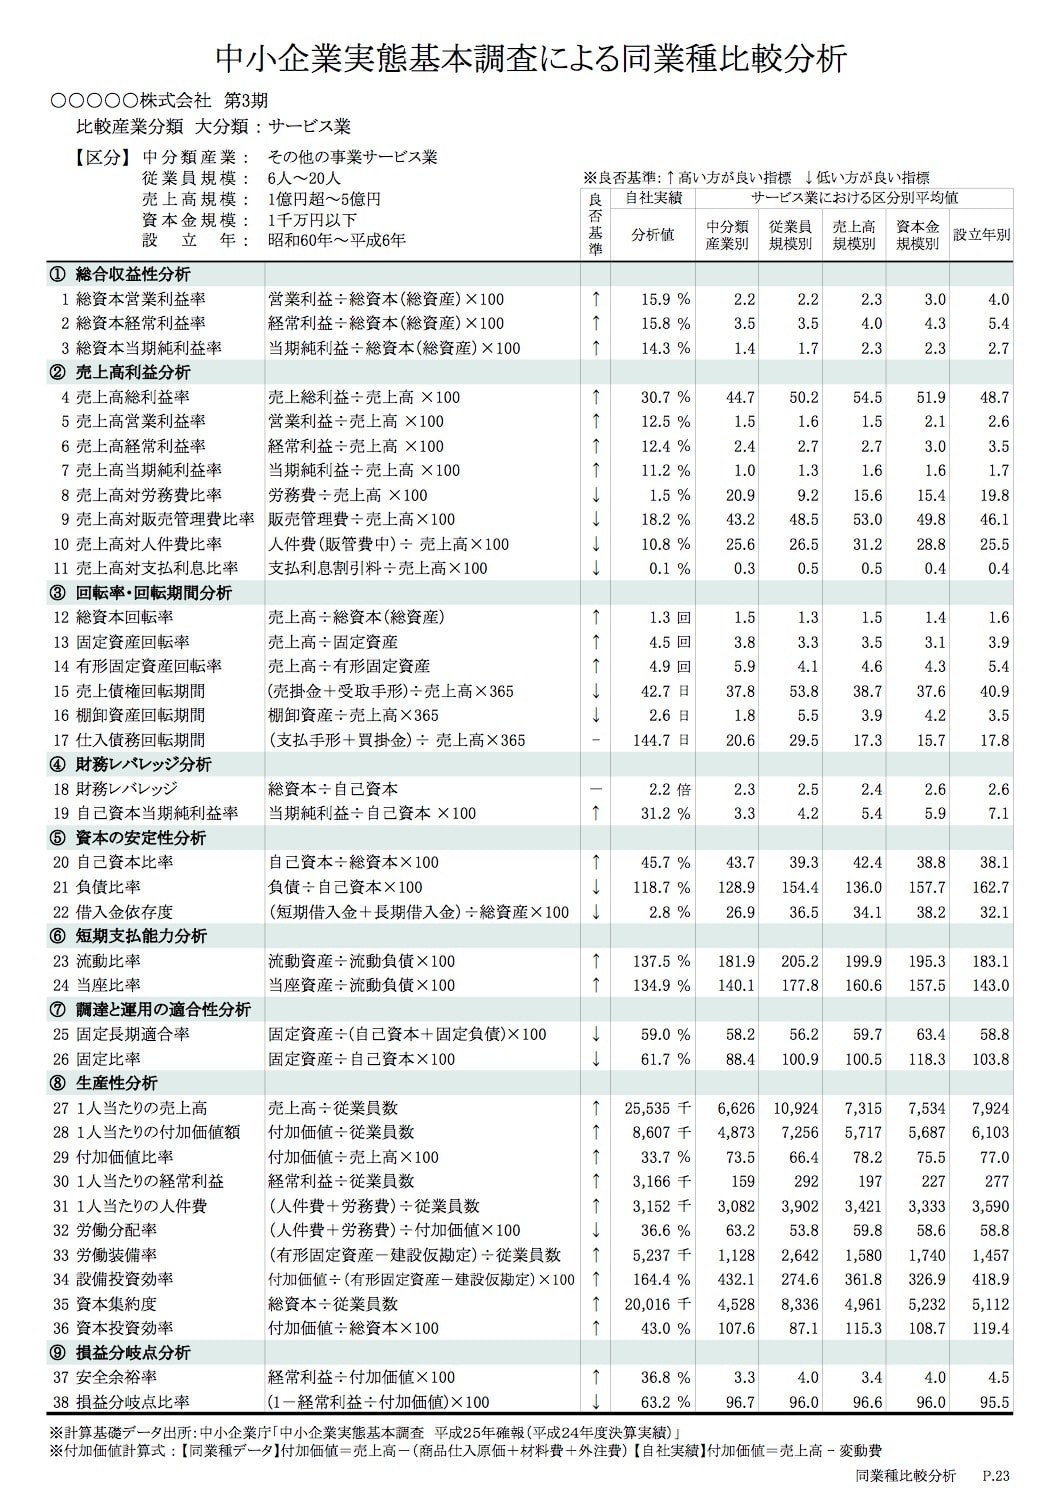 決算分析資料-2見本(PDF)